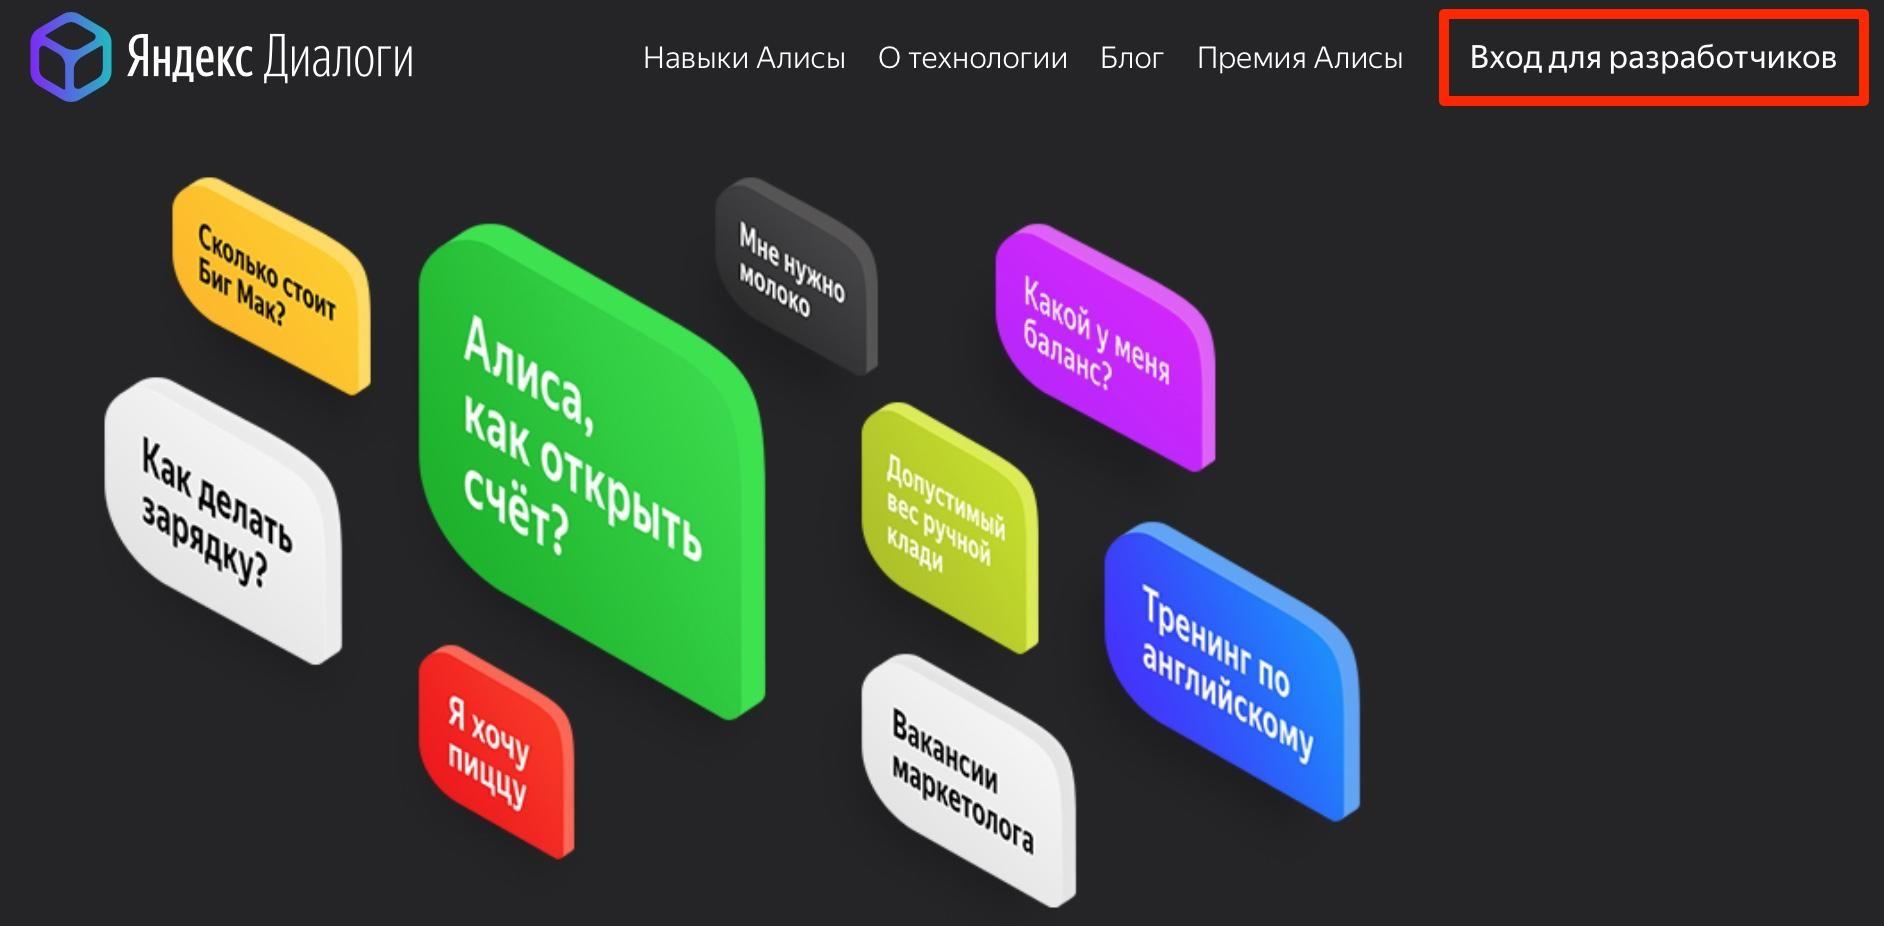 Создание чата в Яндекс.Диалогах